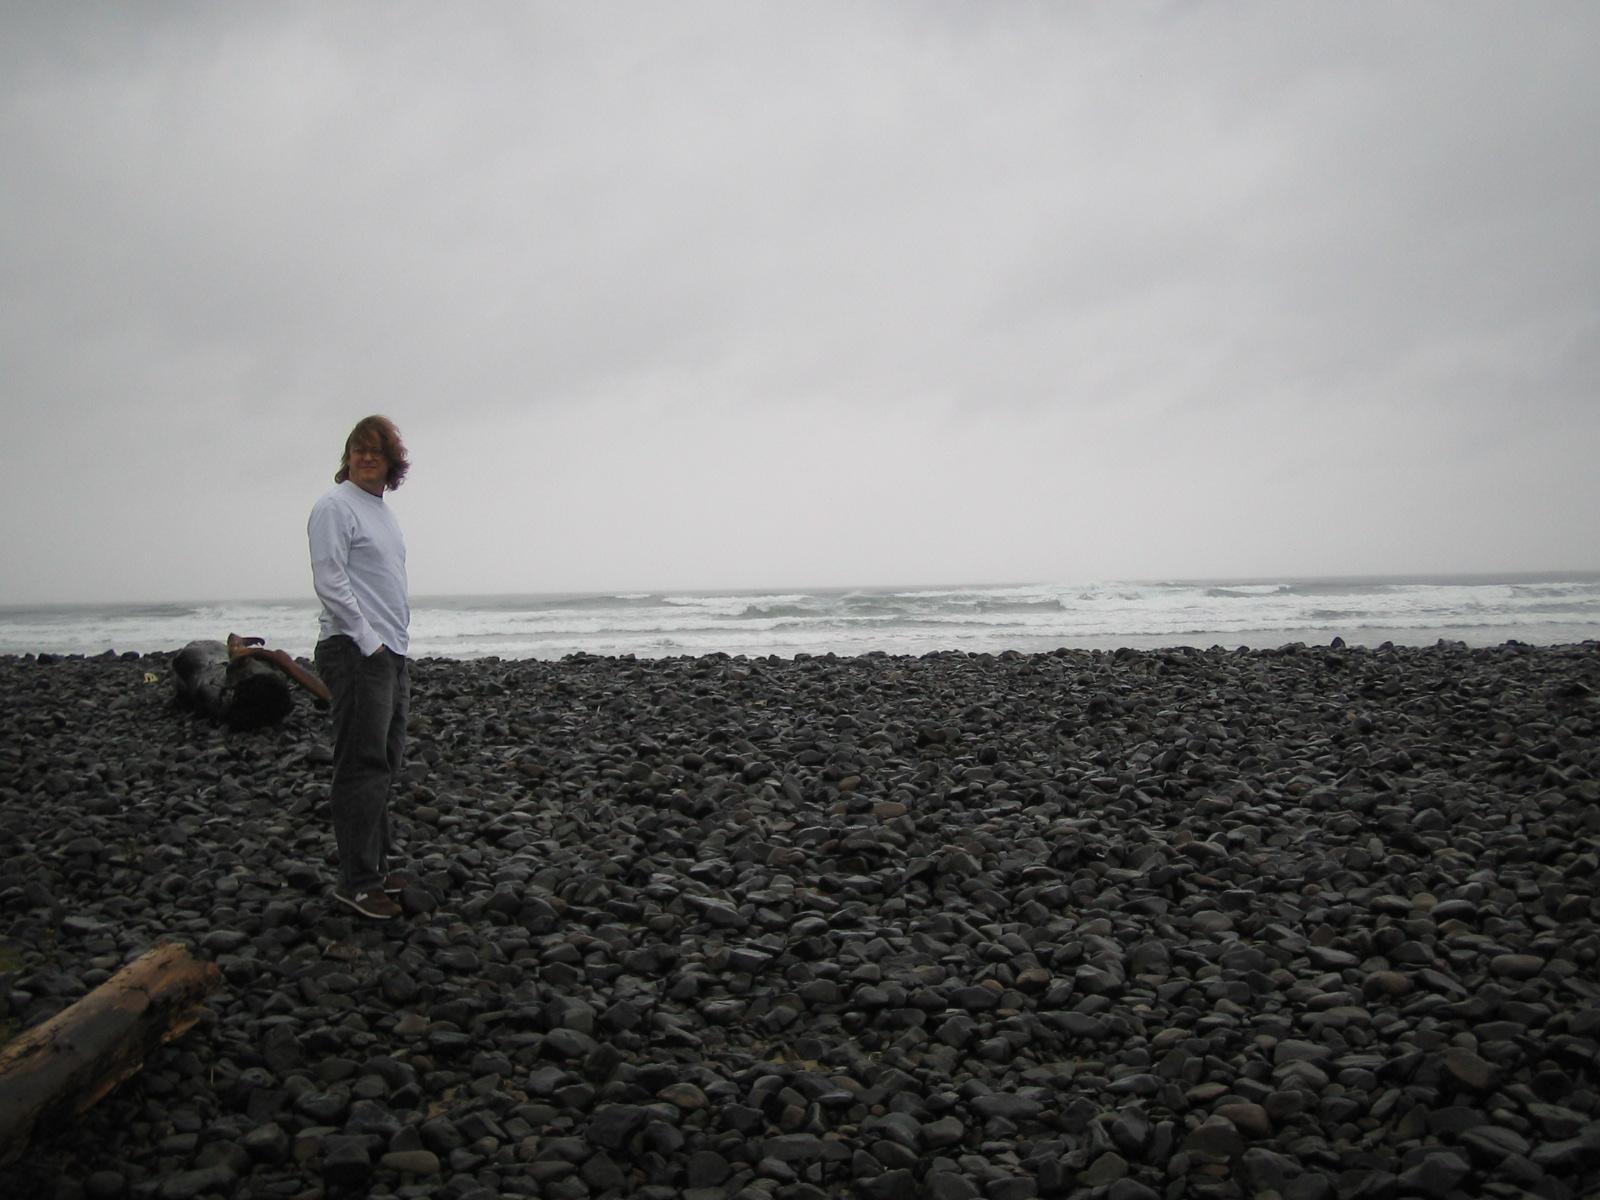 john on a beach on the oregon coast